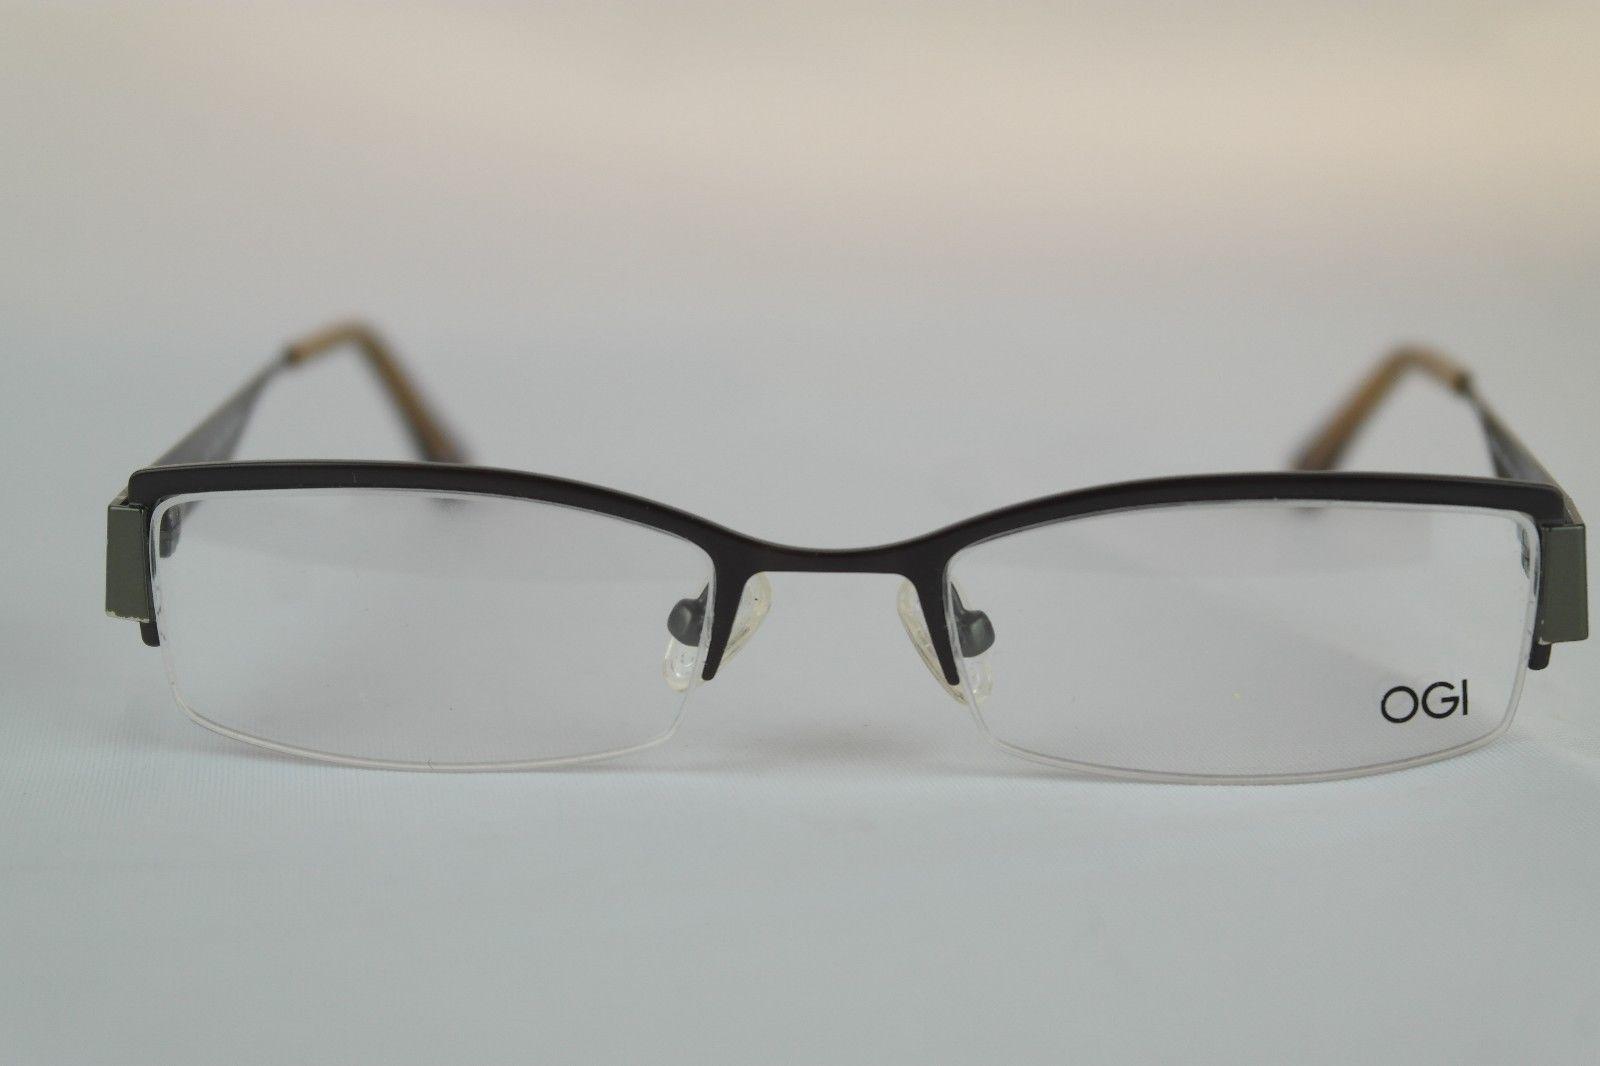 Designer Glasses Half Frame : OGI Evolution Eyeglasses Designer Frames Unisex (48 18 140 ...